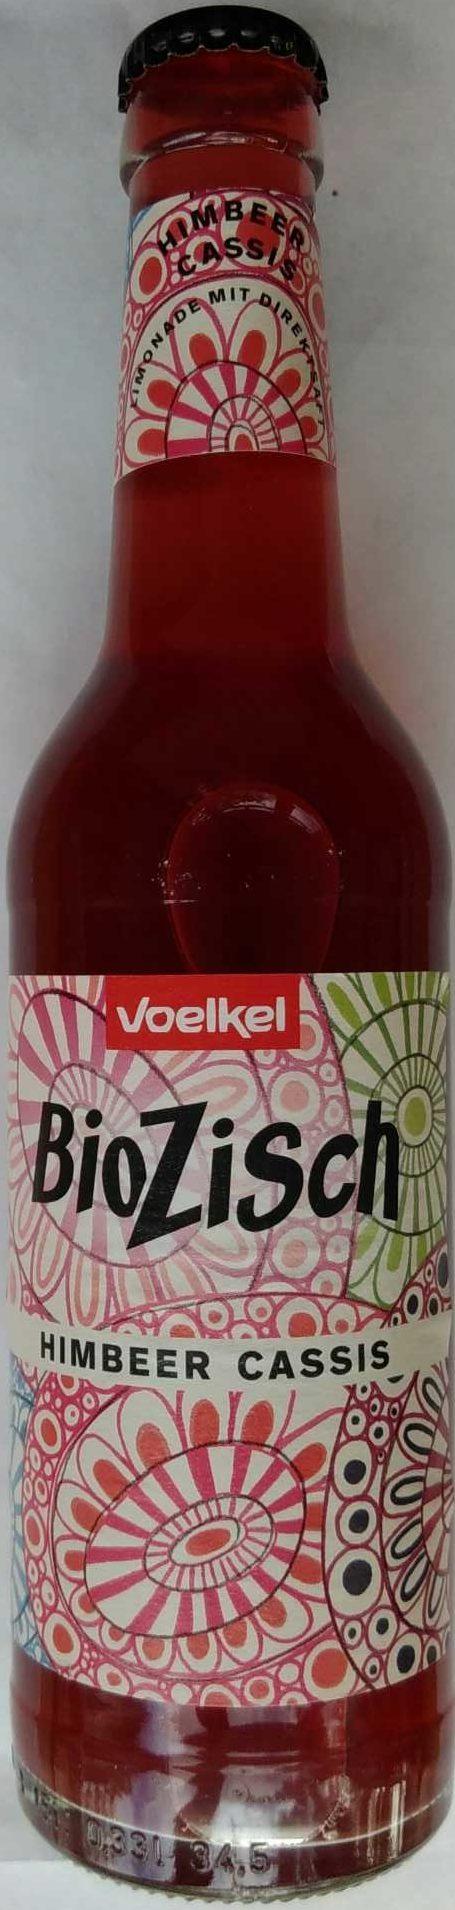 BioZisch Himbeer Cassis - Product - de